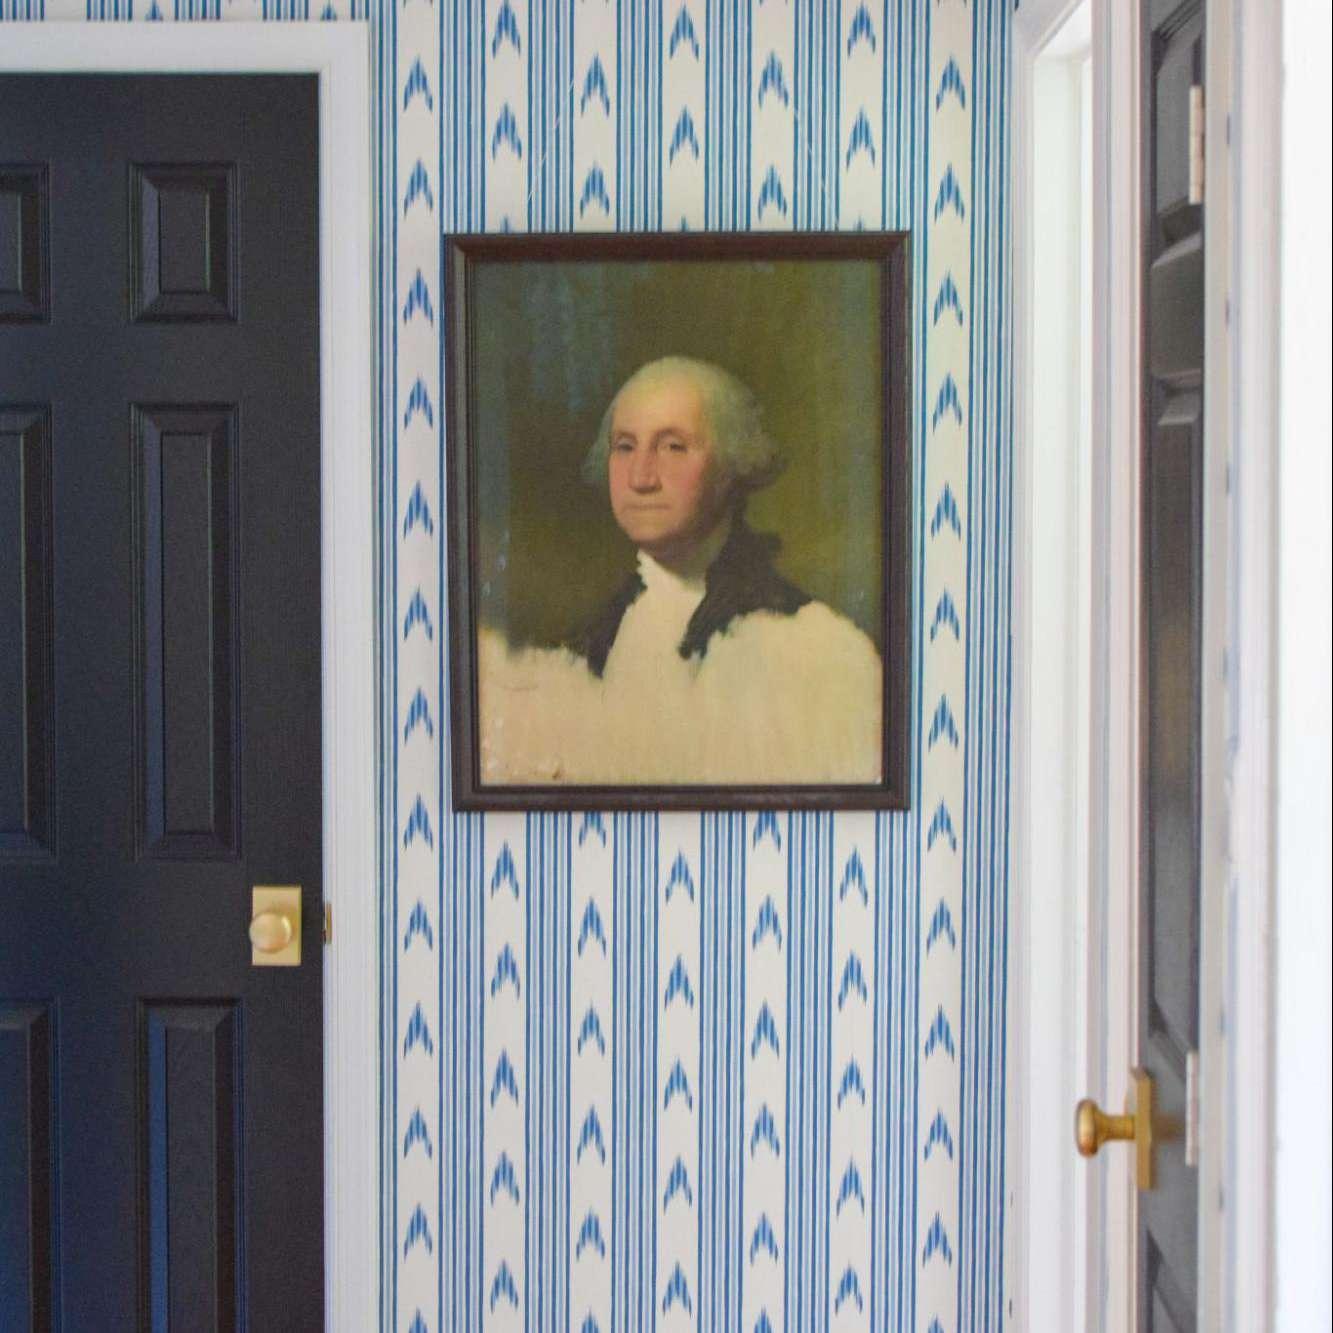 Vintage print of George Washington on wall.